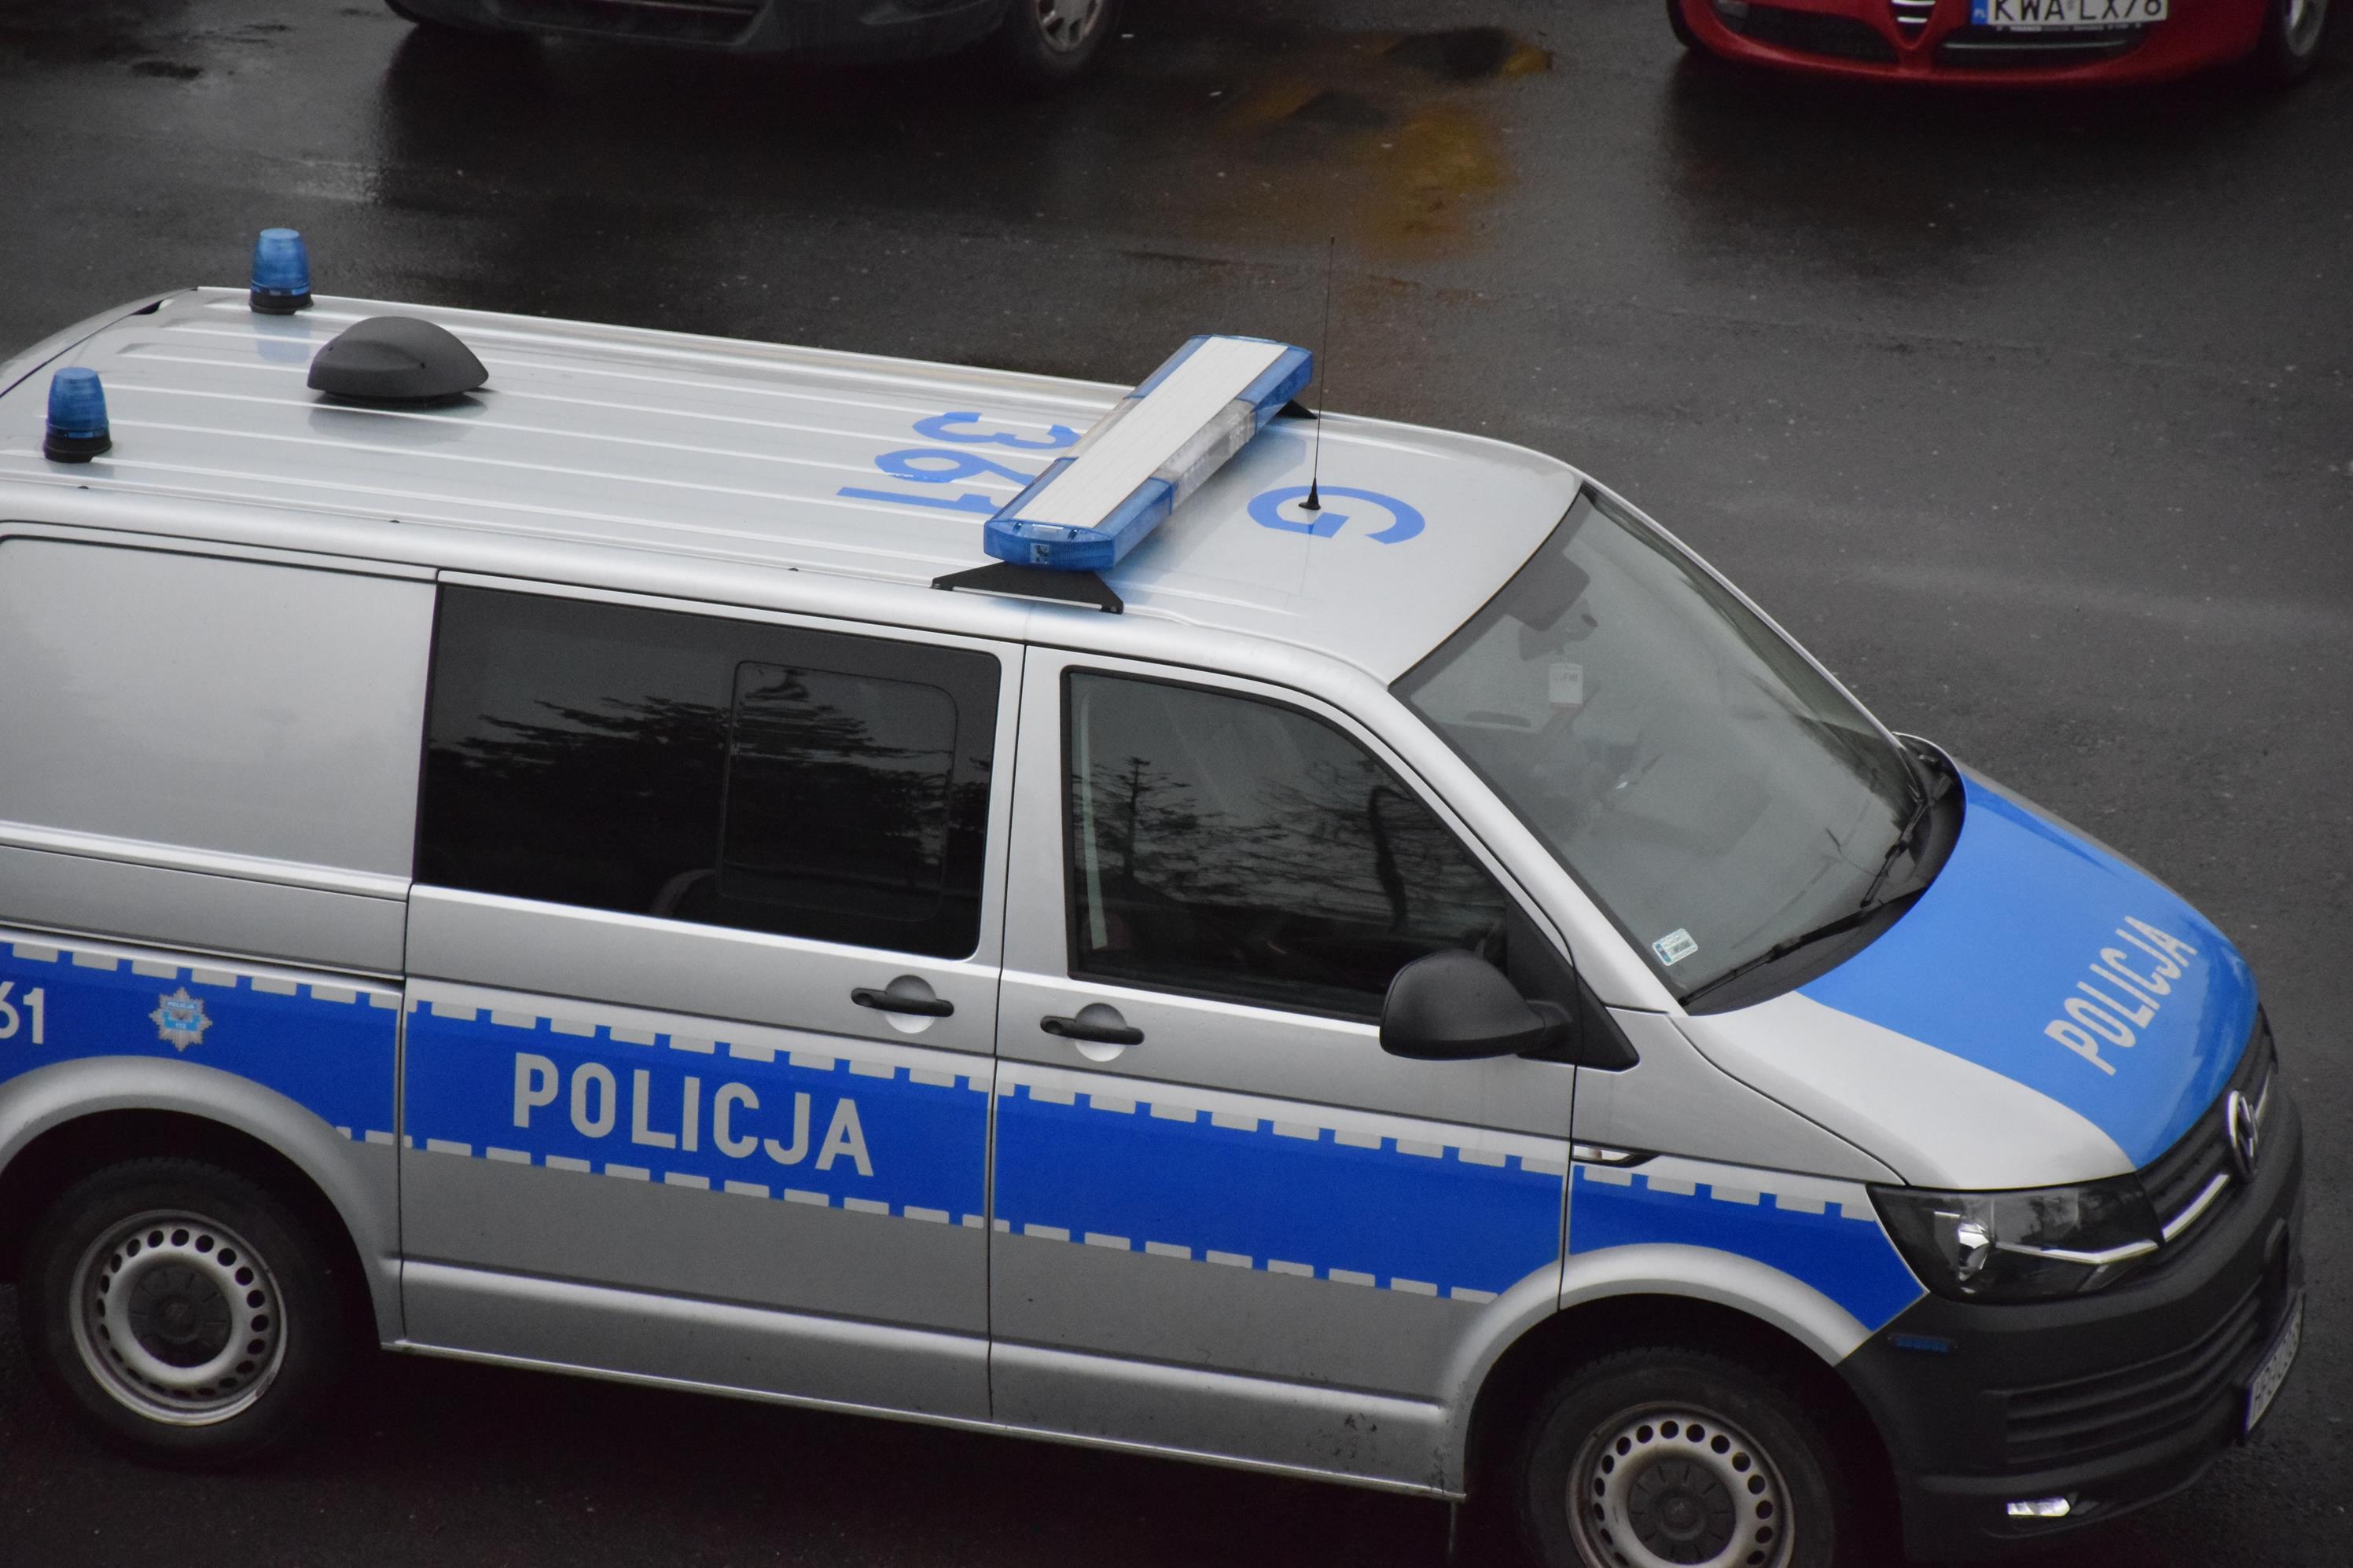 Policjanci uratowali dwóch mężczyzn, którym groziło wyziębienie